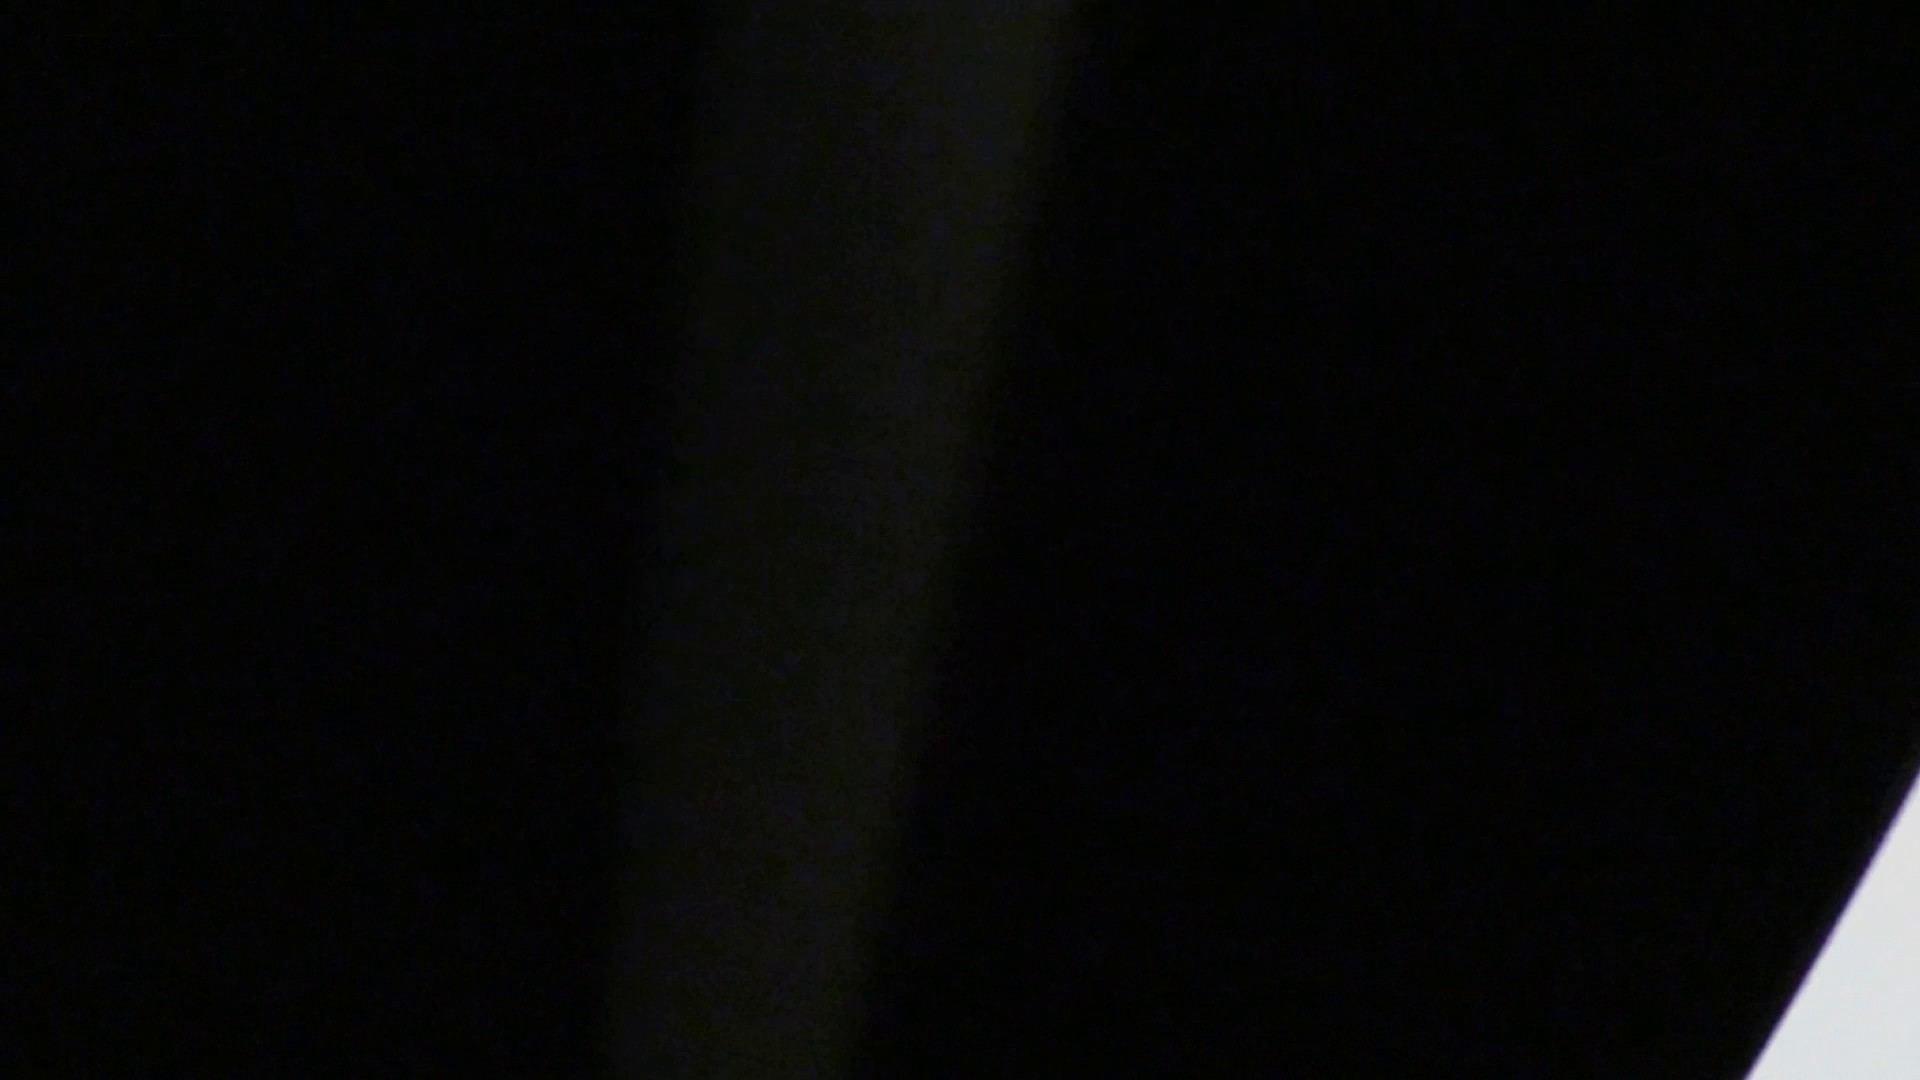 悪戯ネットカフェ Vol16 前篇 JD系モリマン発見!! 潜入 SEX無修正画像 106枚 43